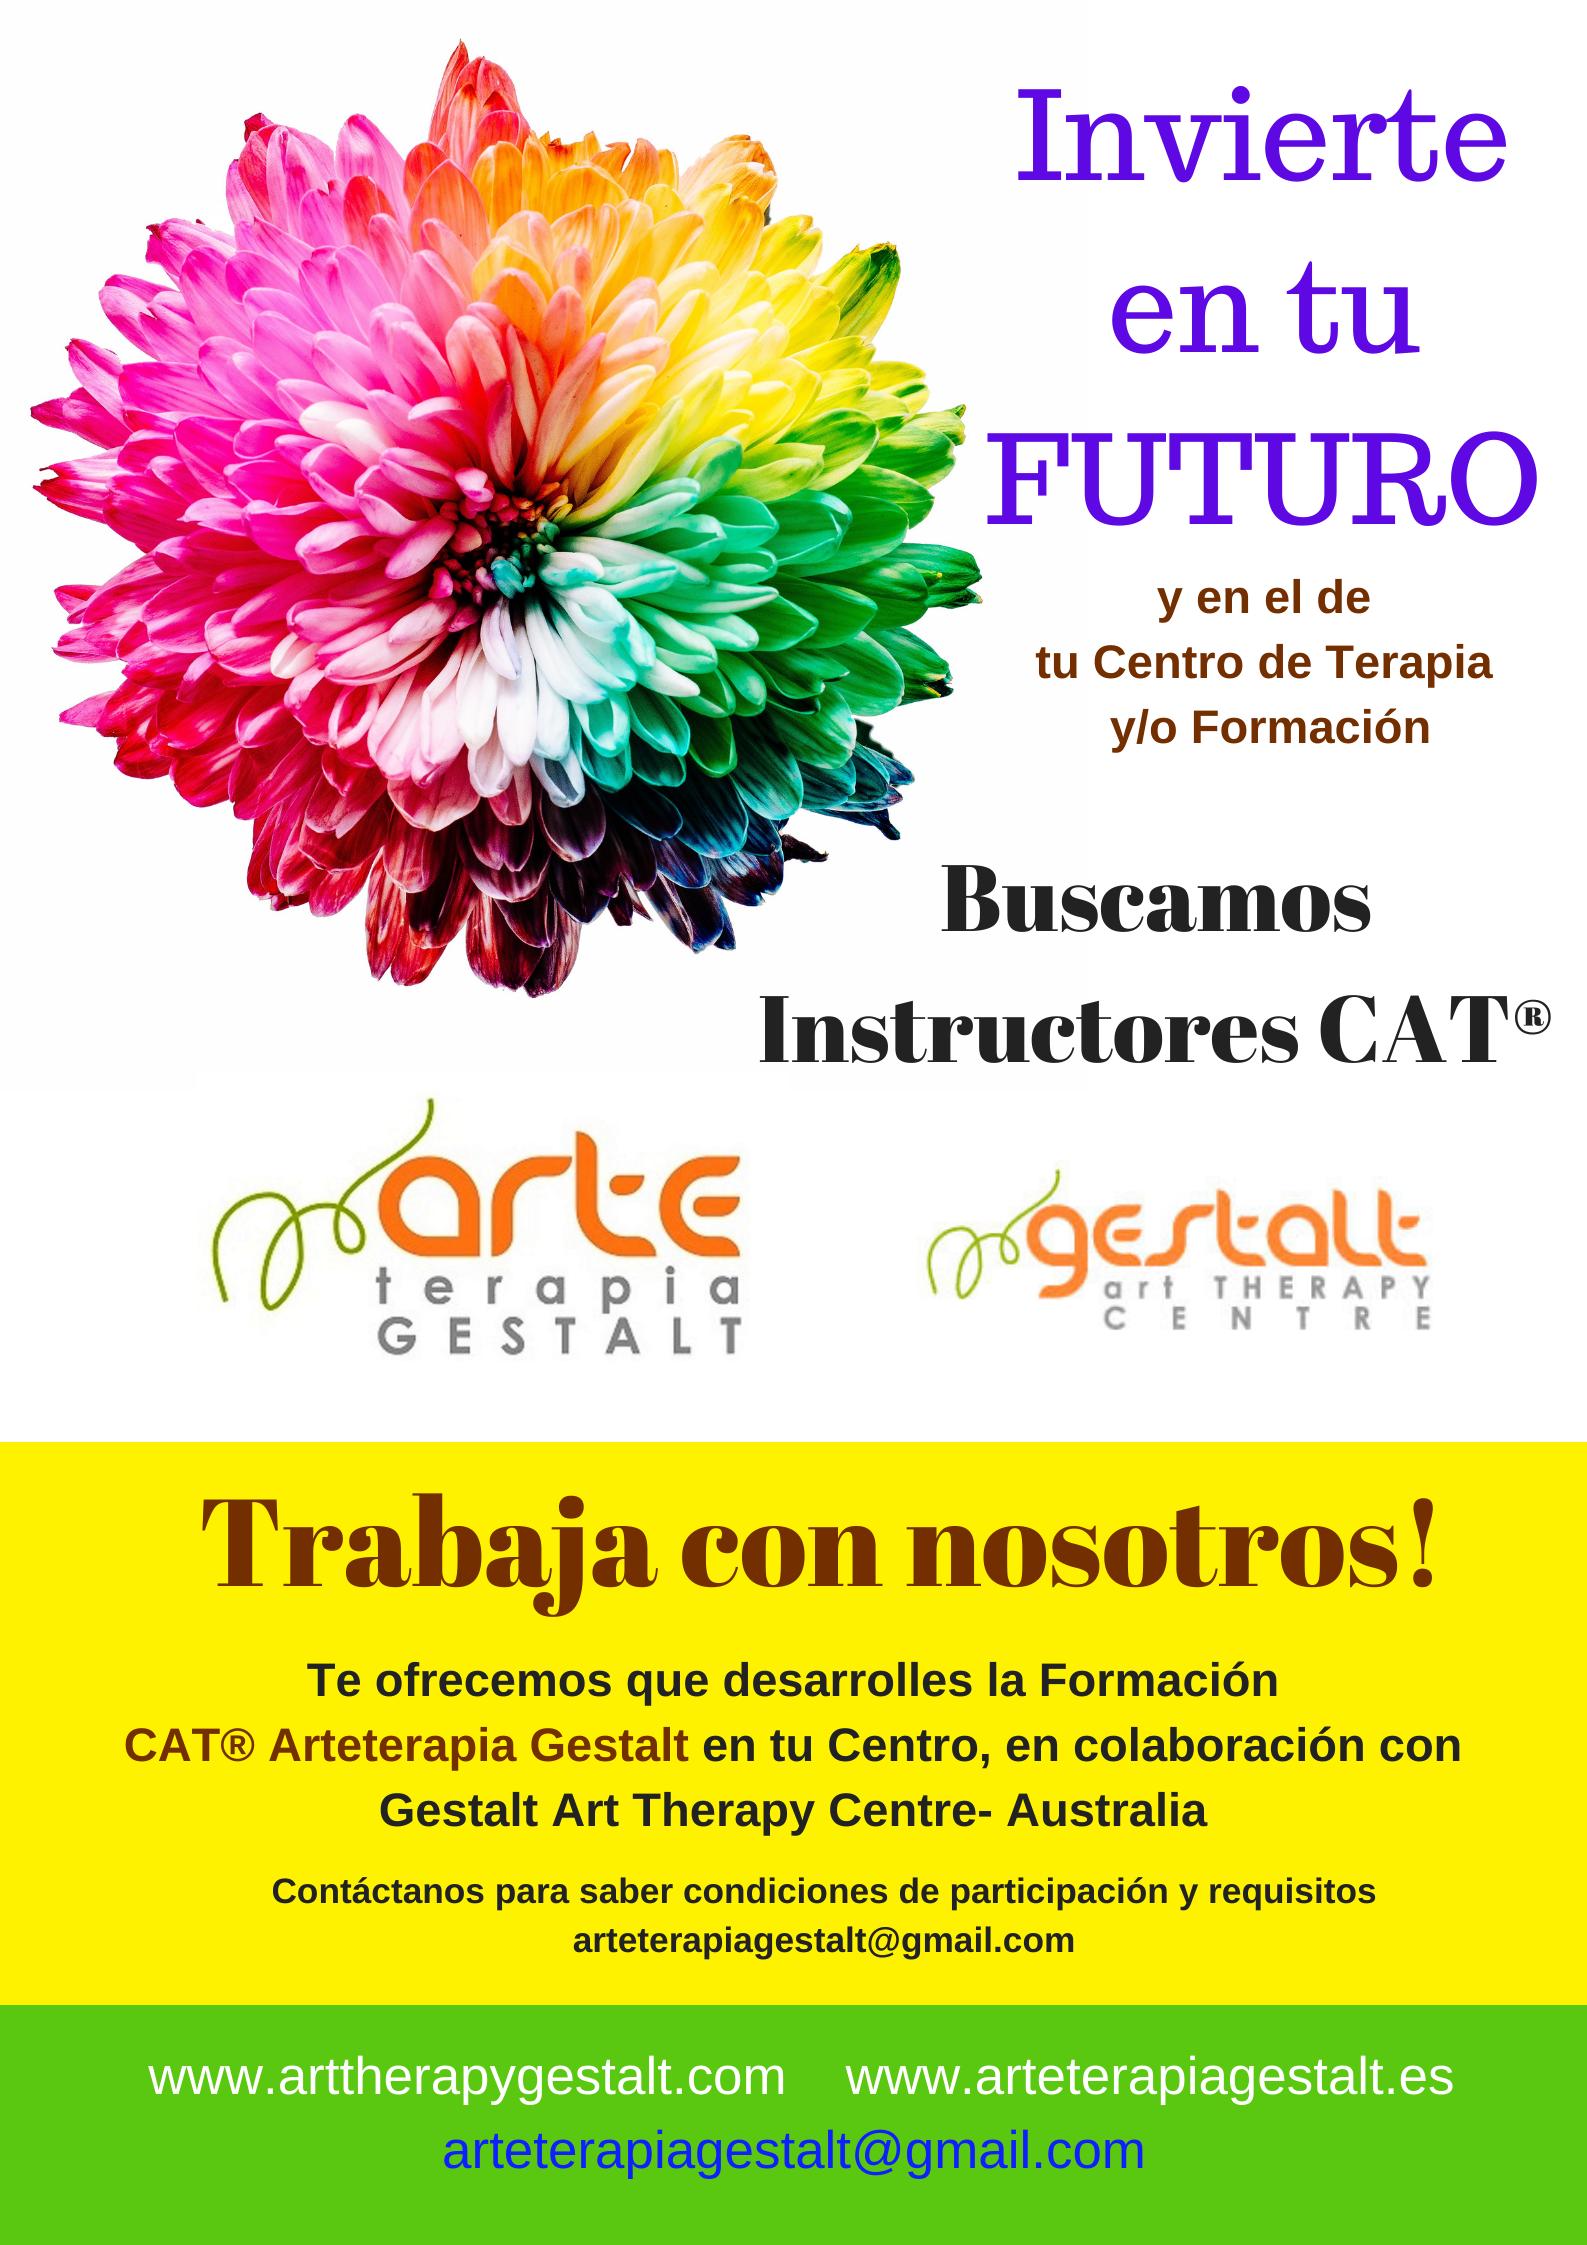 foto #1 de entrada del blog: 2020 TRABAJA CON NOSOTROS! Arteterapia Gestalt Buscamos Instructores CAT©